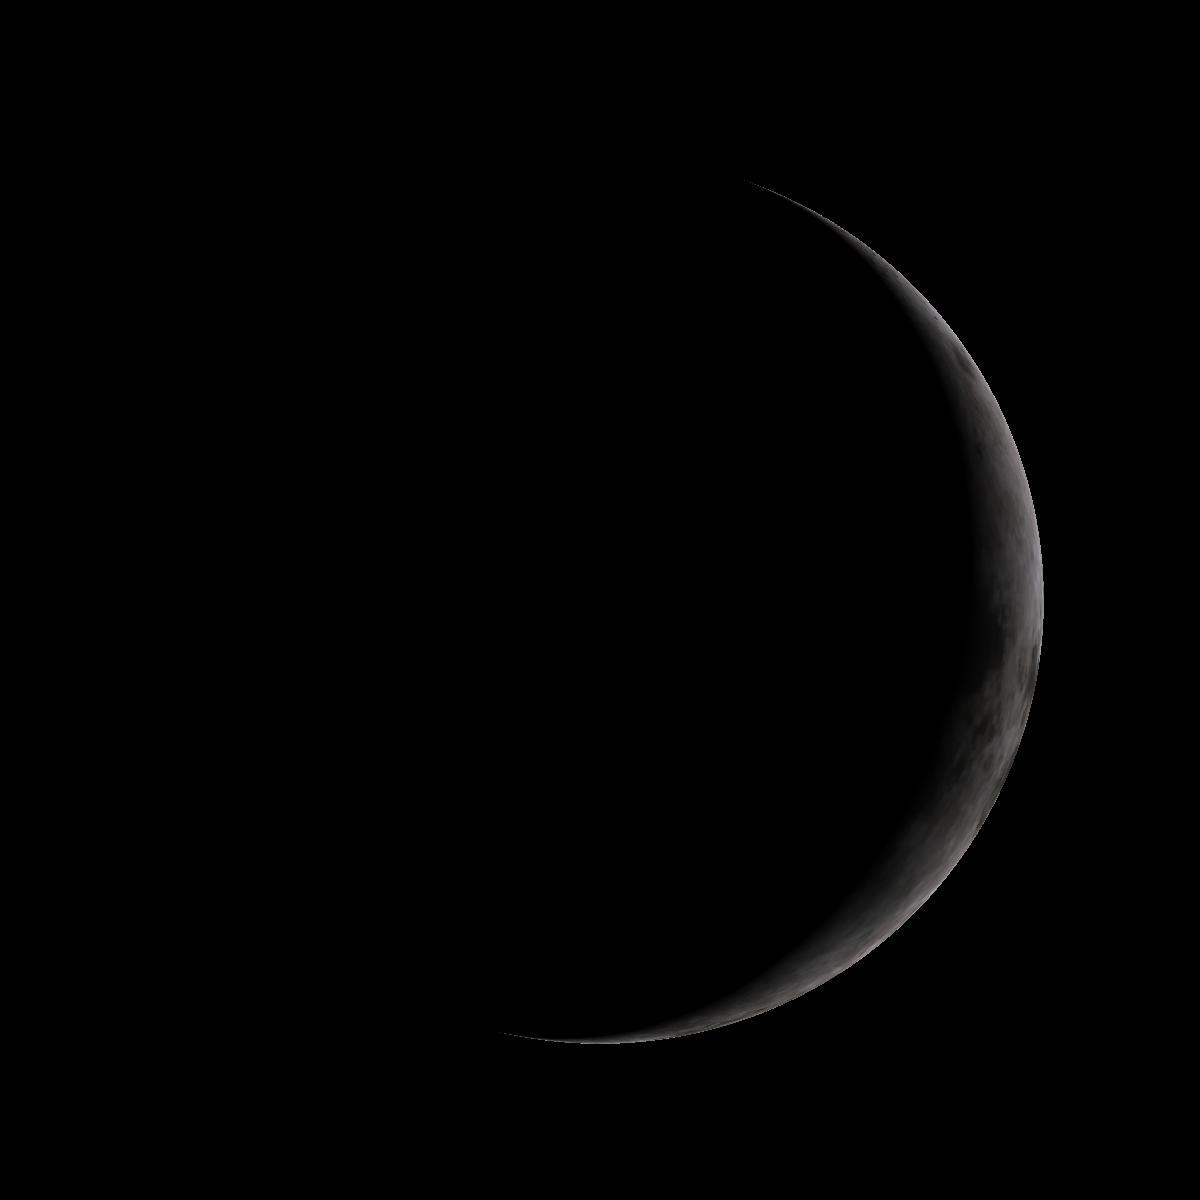 Lune du 28 janvier 2020